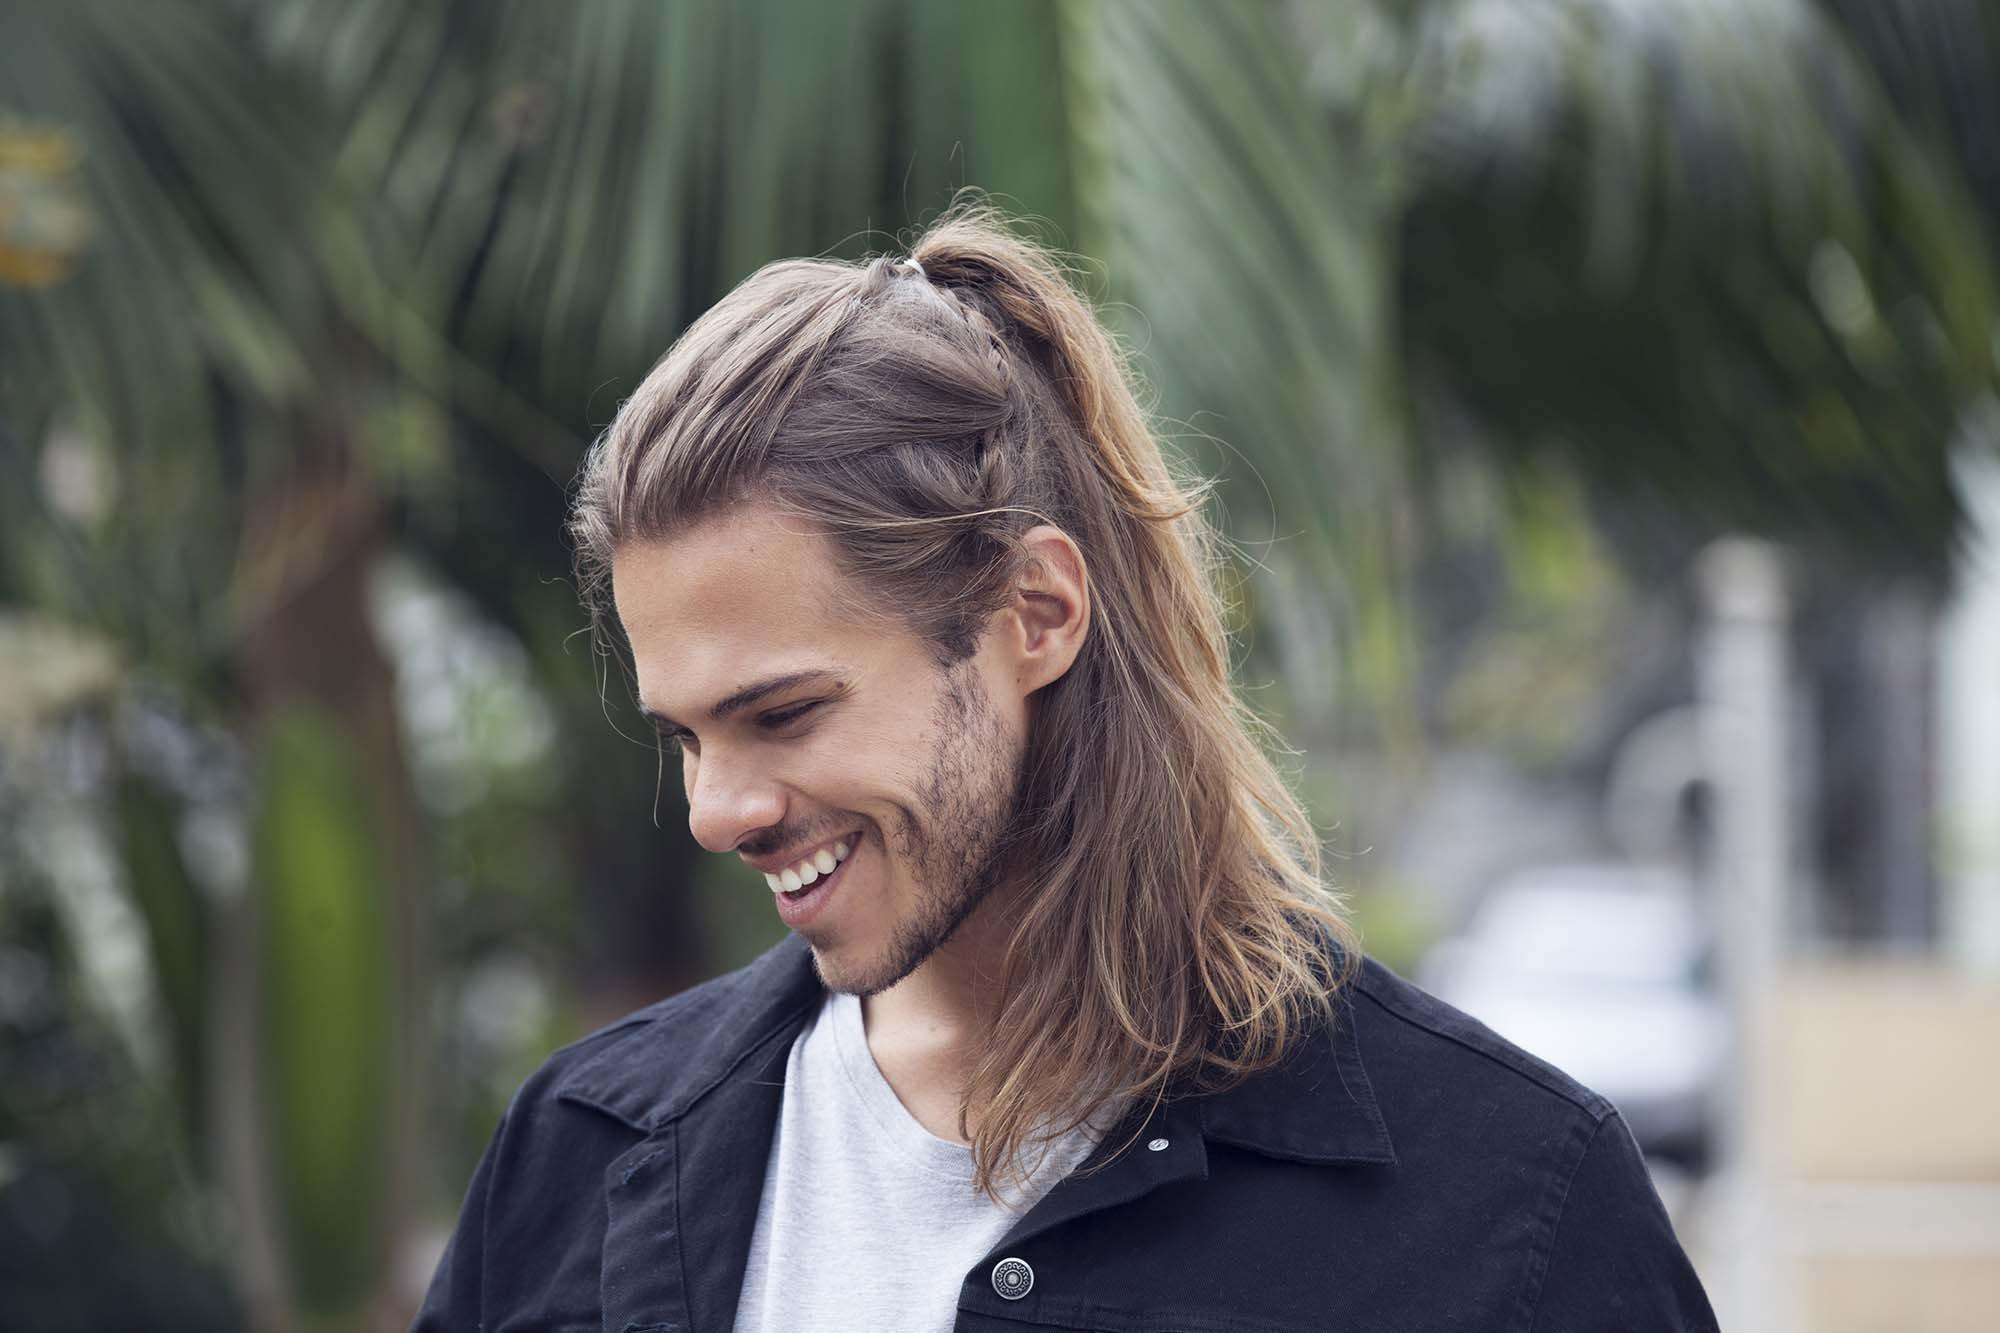 Длинные волосы у мужчин красивые